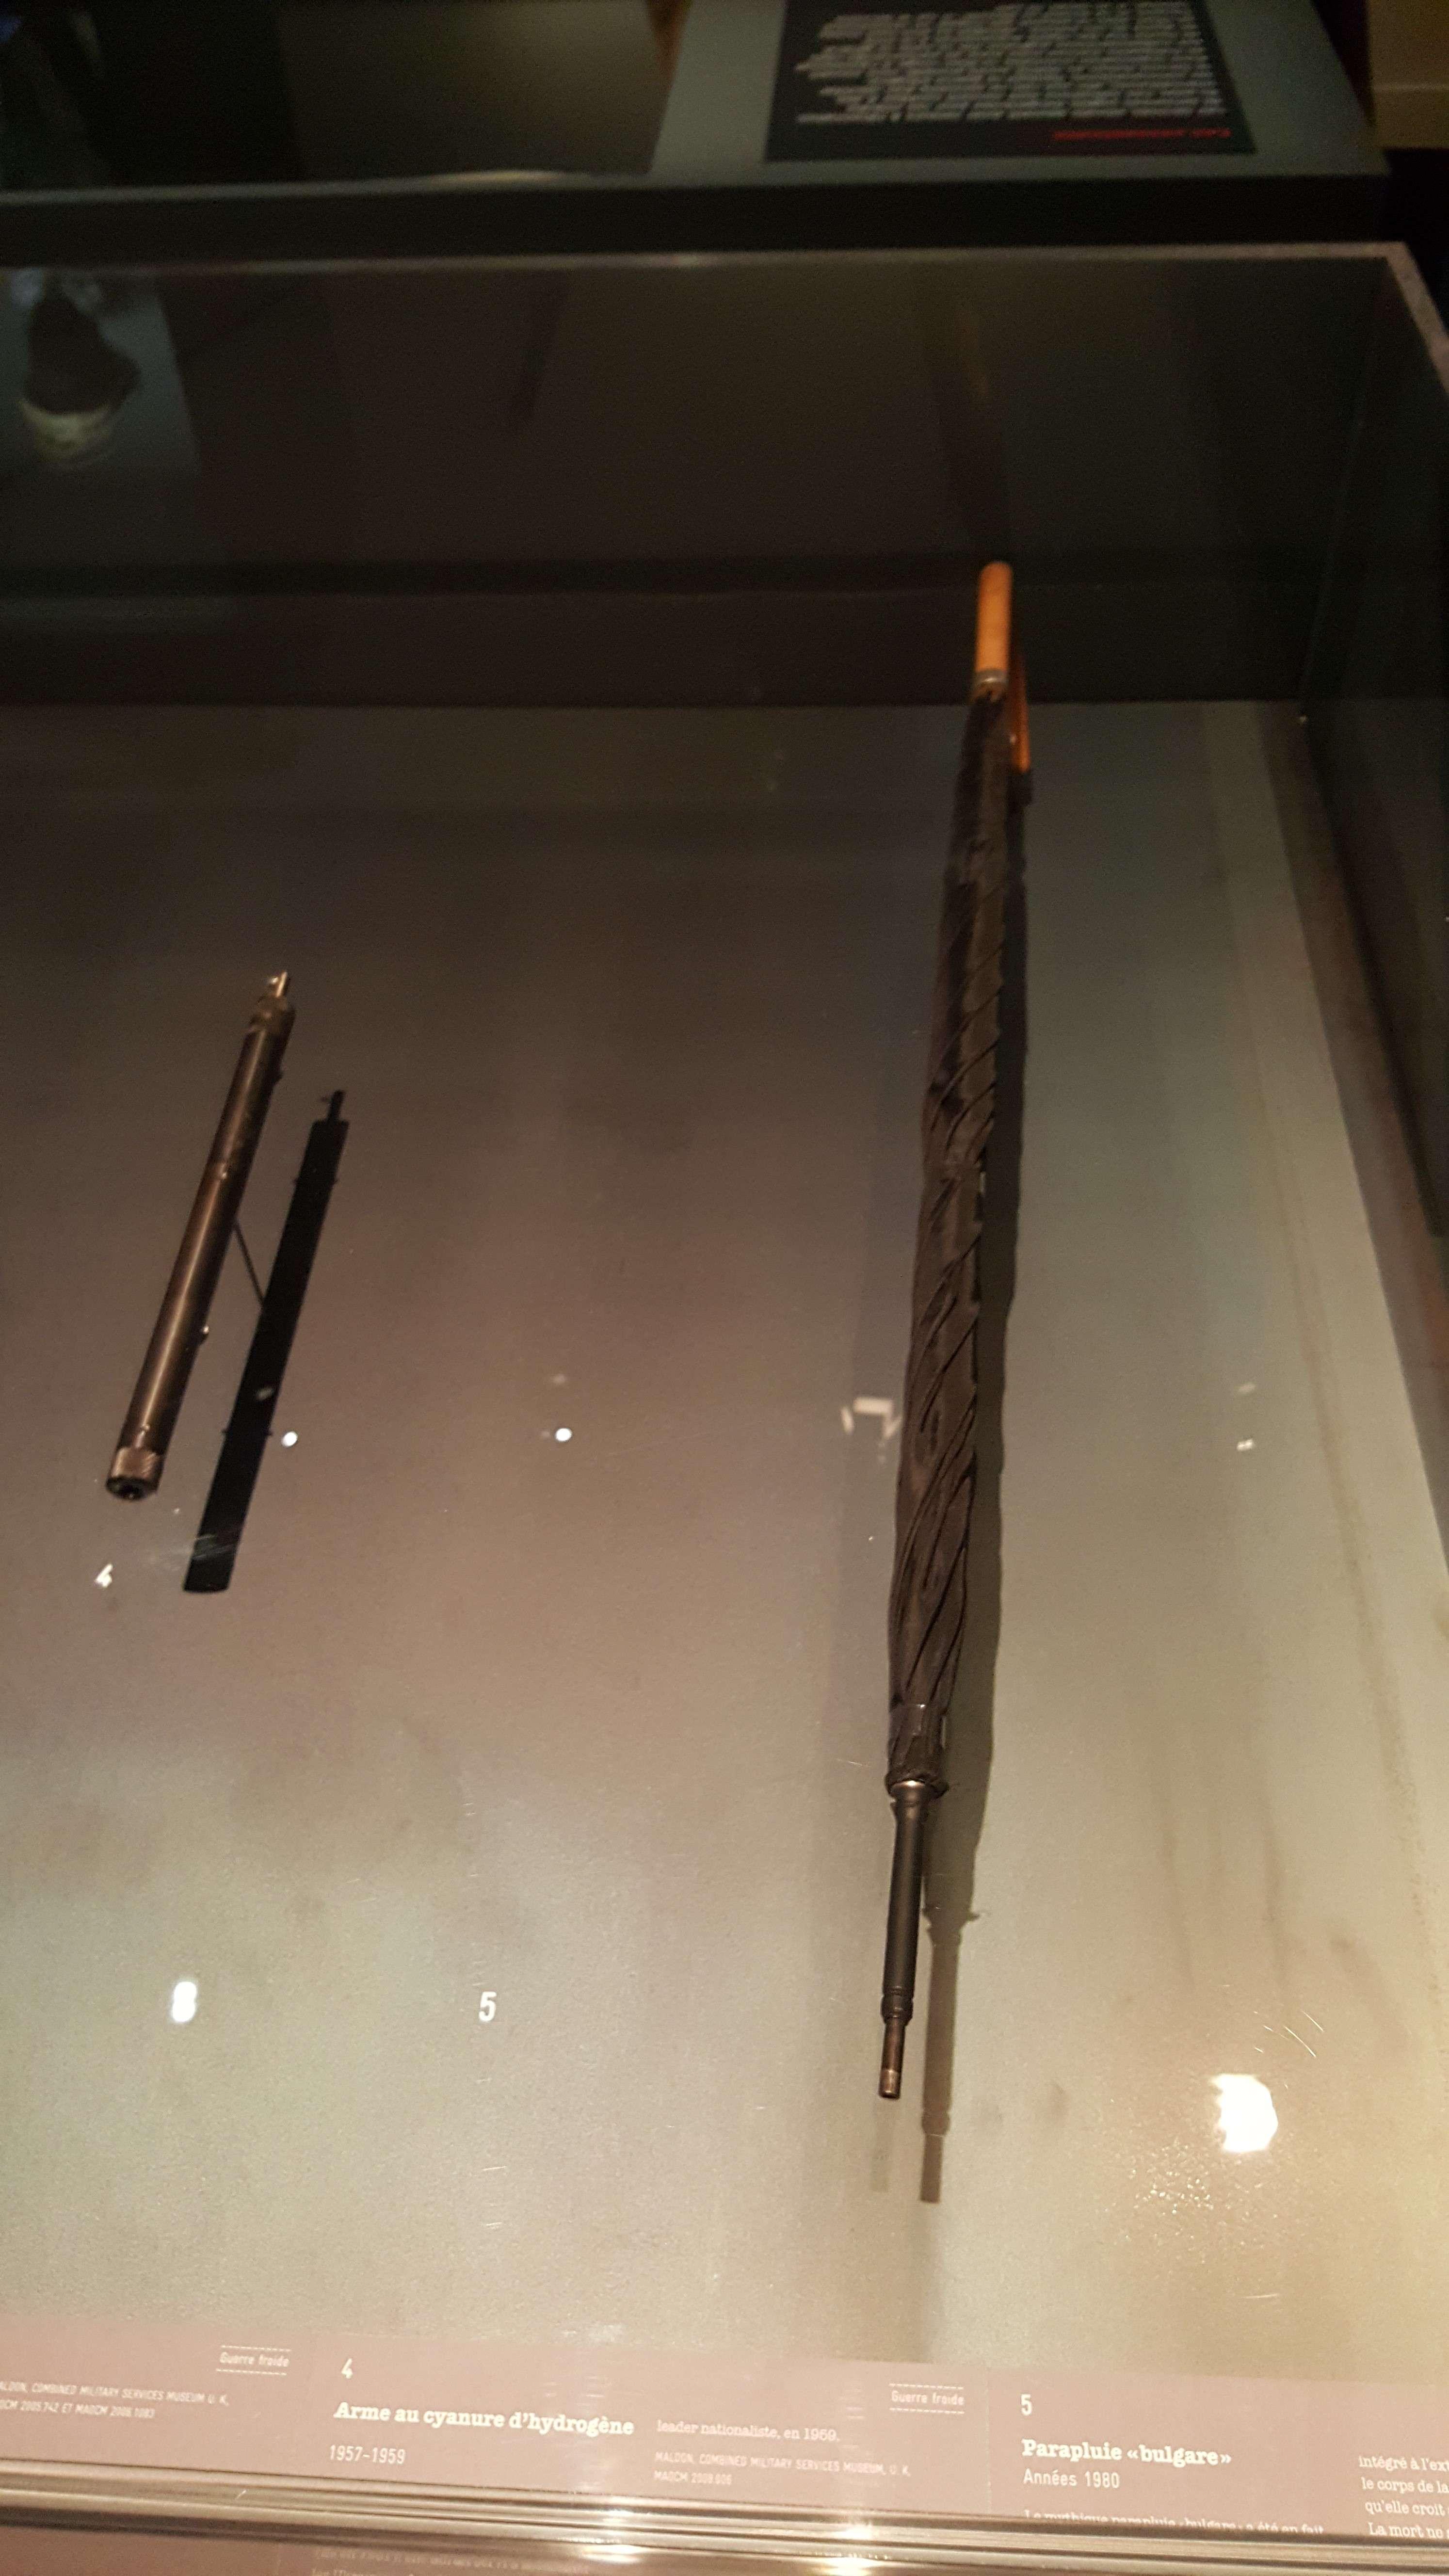 Umbrela bulgàreascà: dupà numele scriitorului bulgar Georgi Markov ucis prin otràvire la Londra cu o astfel de umbrelà-armà